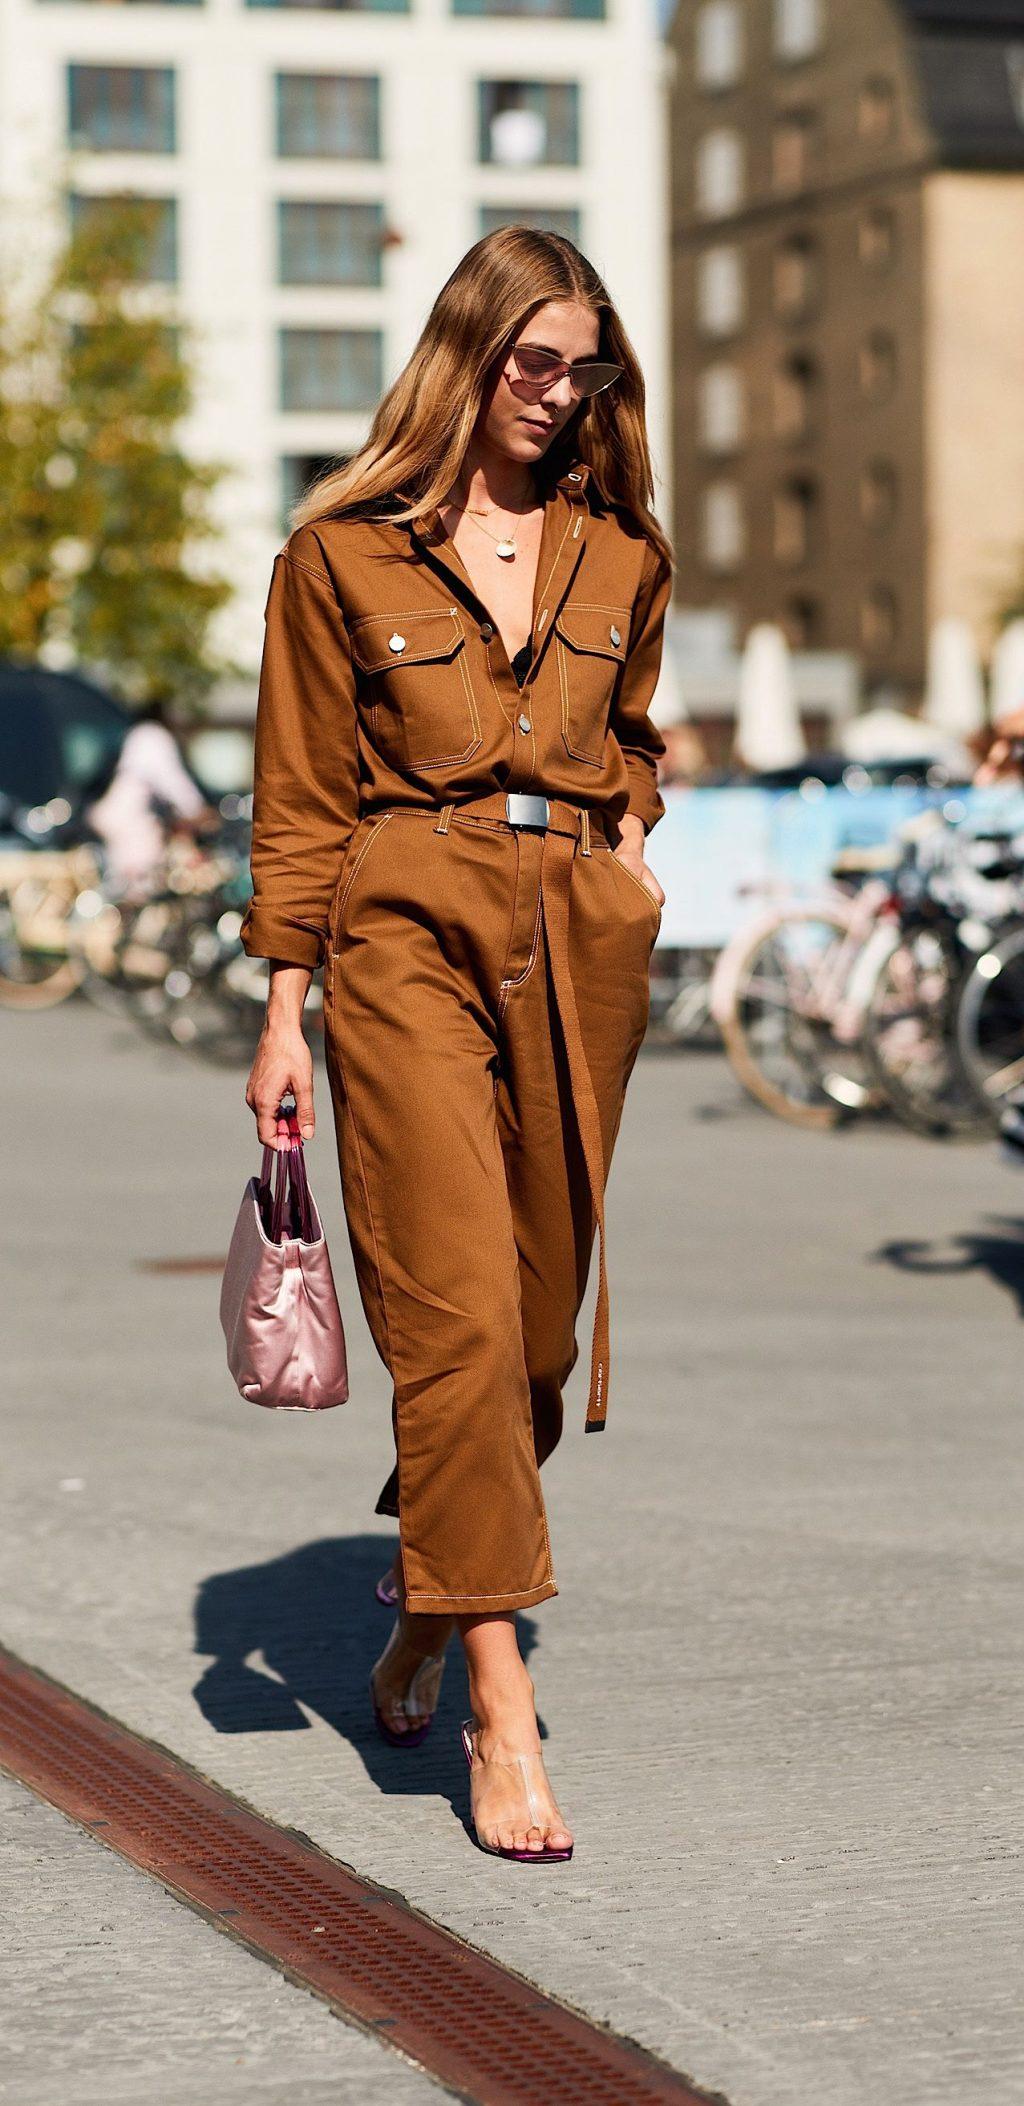 fashionista mặc jumpsuit màu nâu và giày cao gót